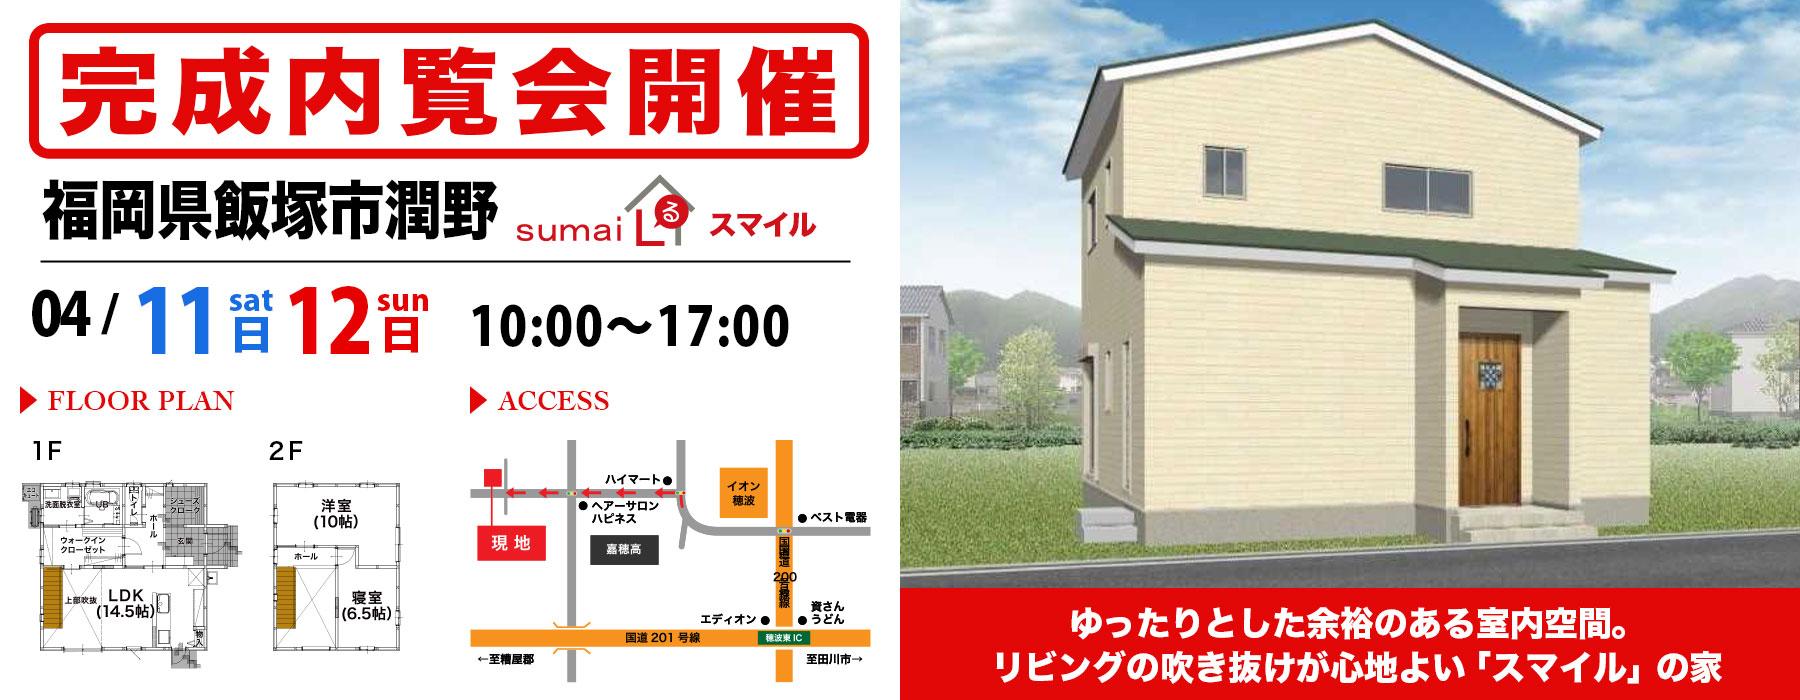 ☆見学会情報☆4月11日(土)12日(日)熊本☆福岡